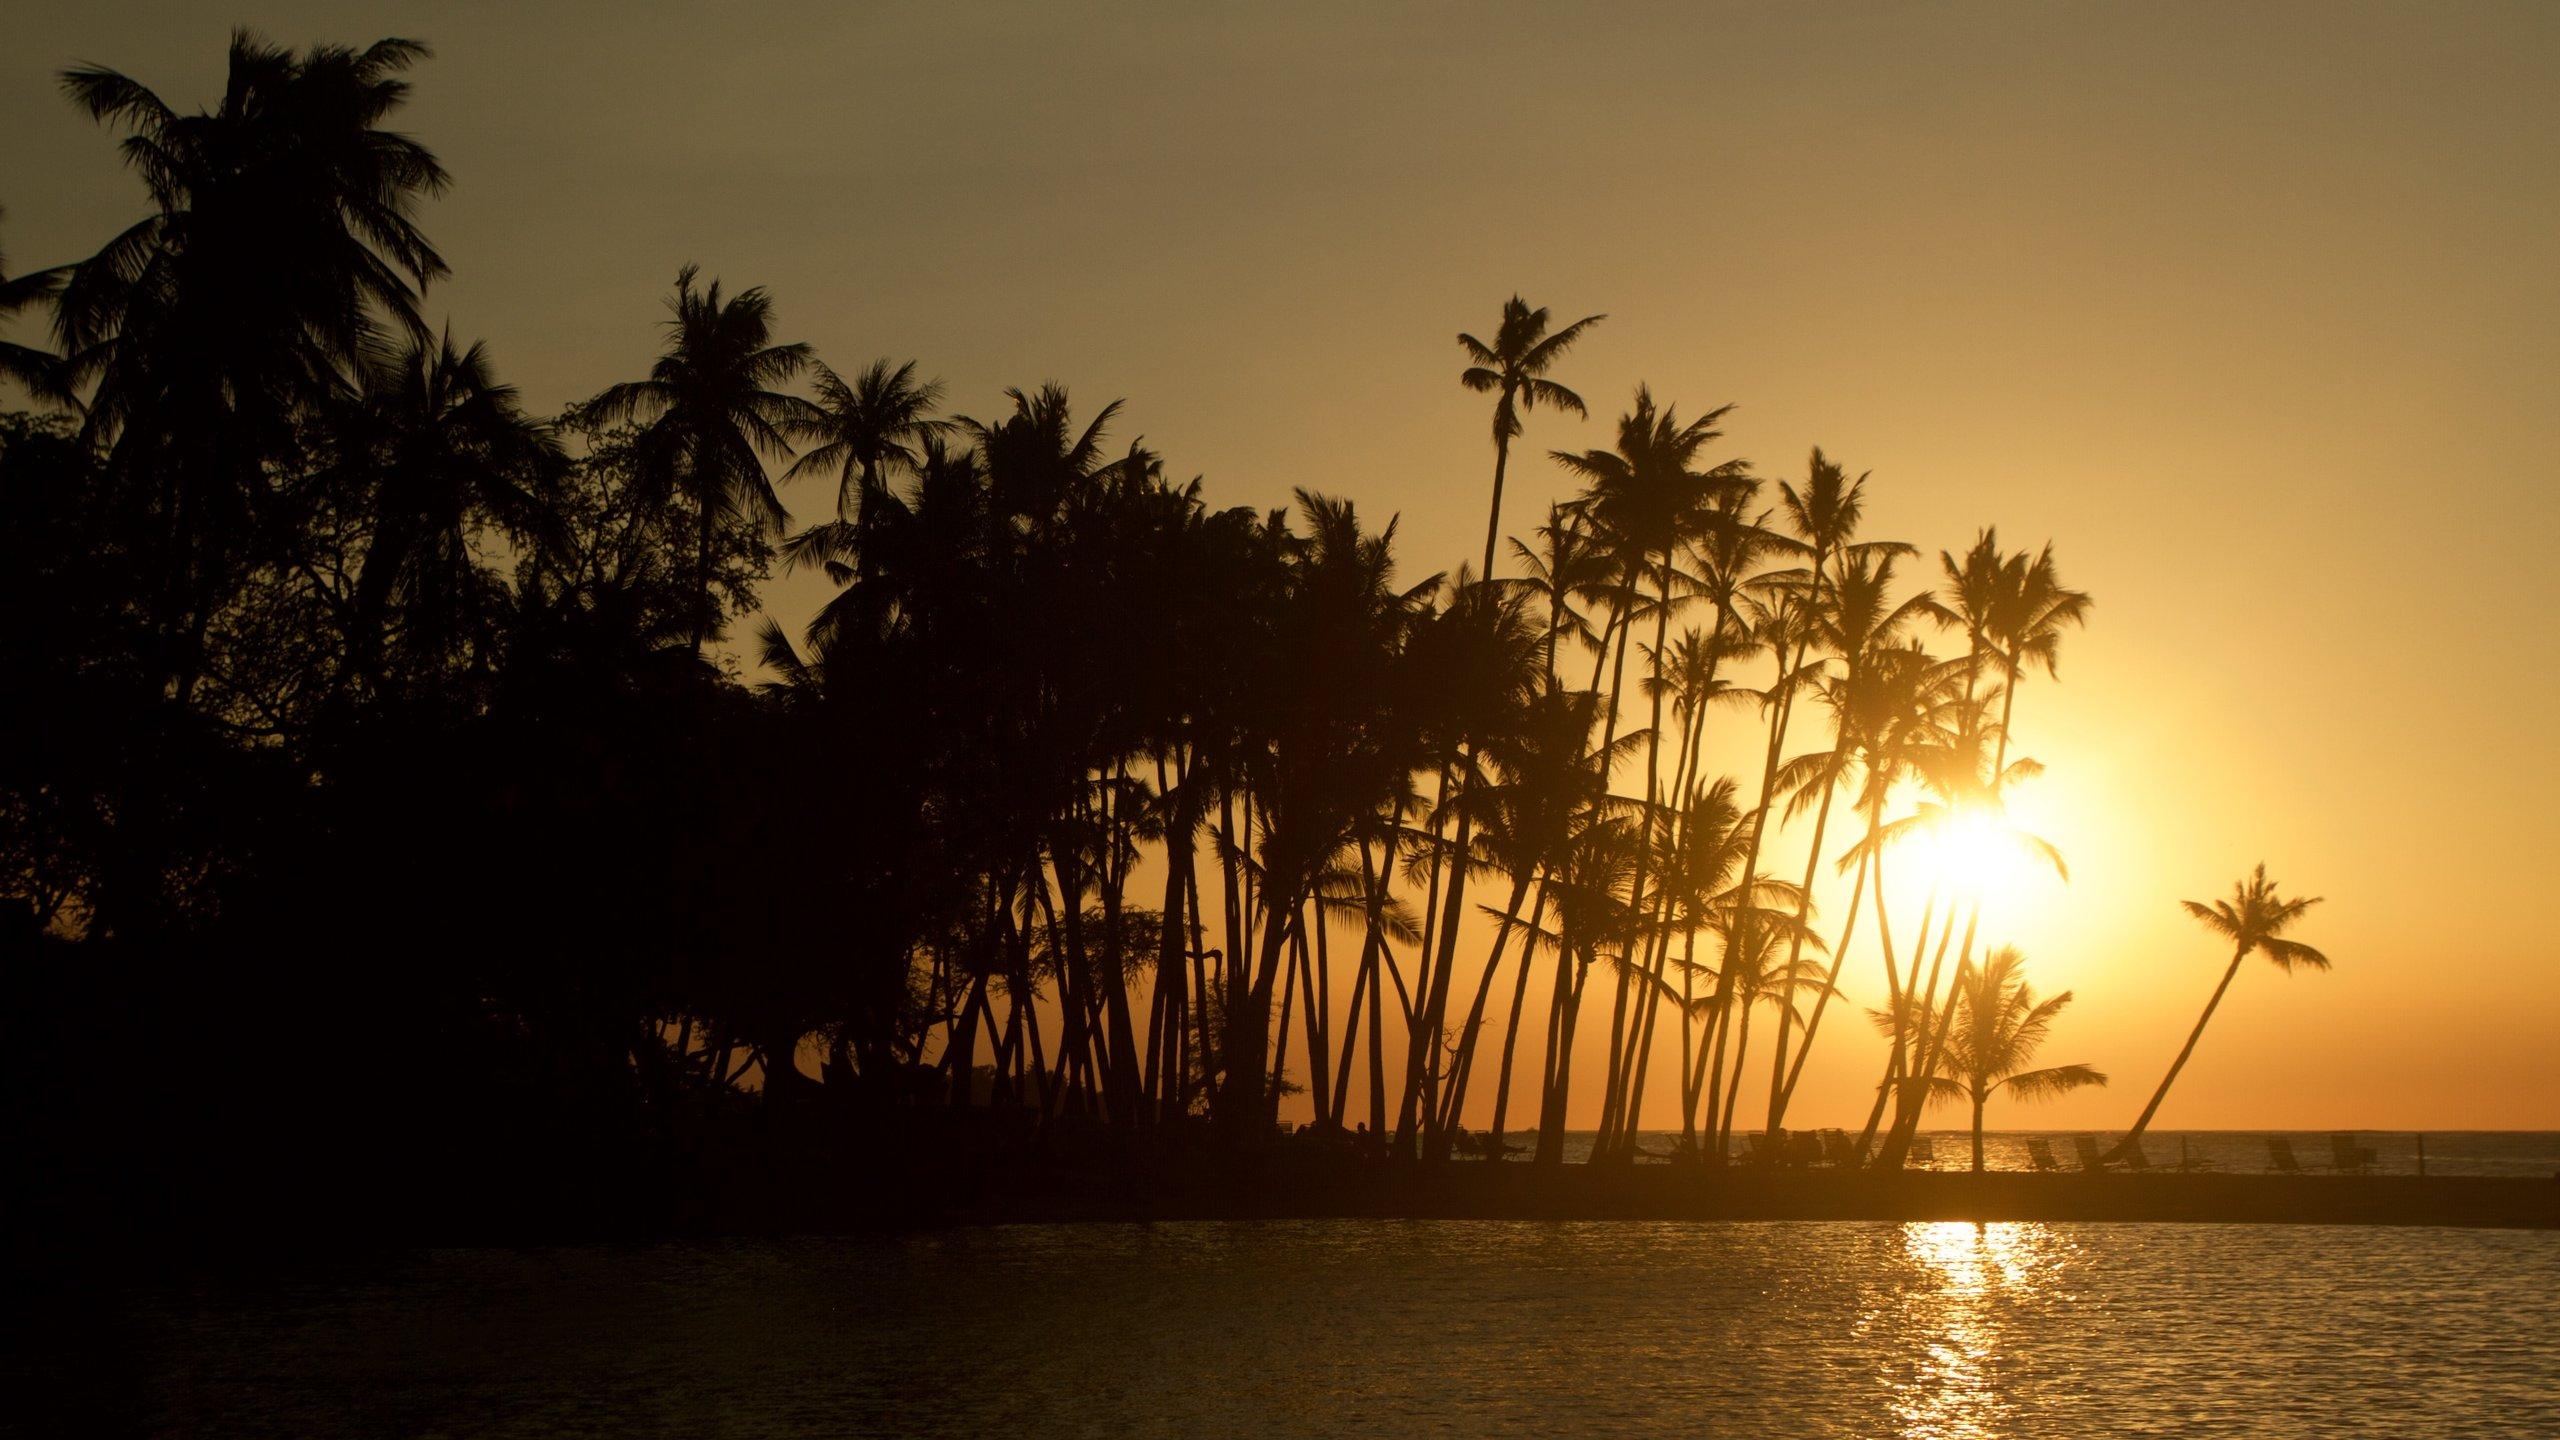 Anaeho'omalu Beach, Waikoloa, Hawaii, USA